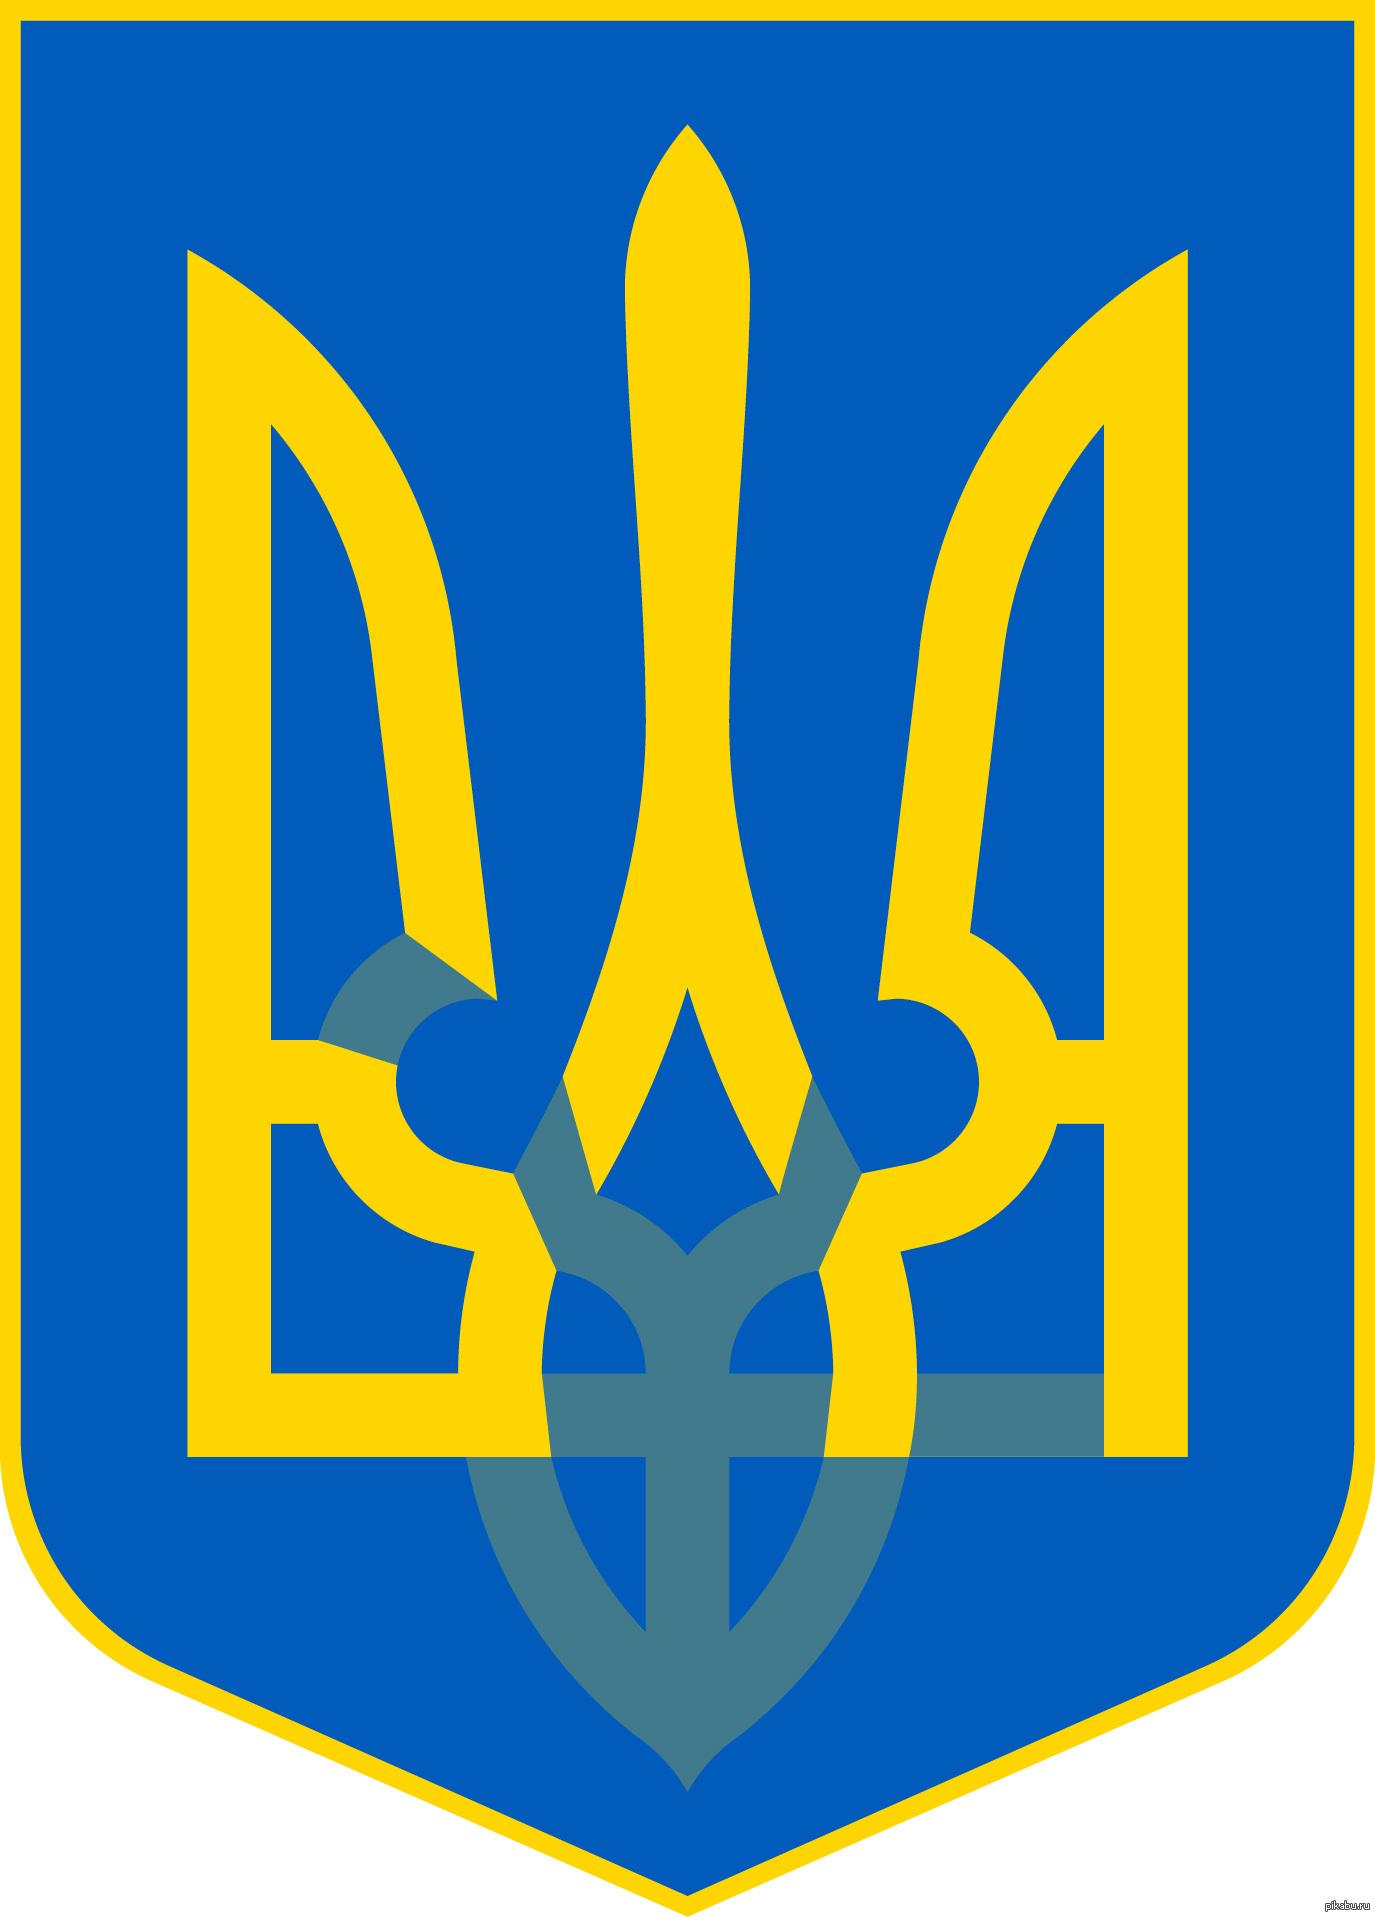 полках картинка герб украины на прозрачном фоне написать свой